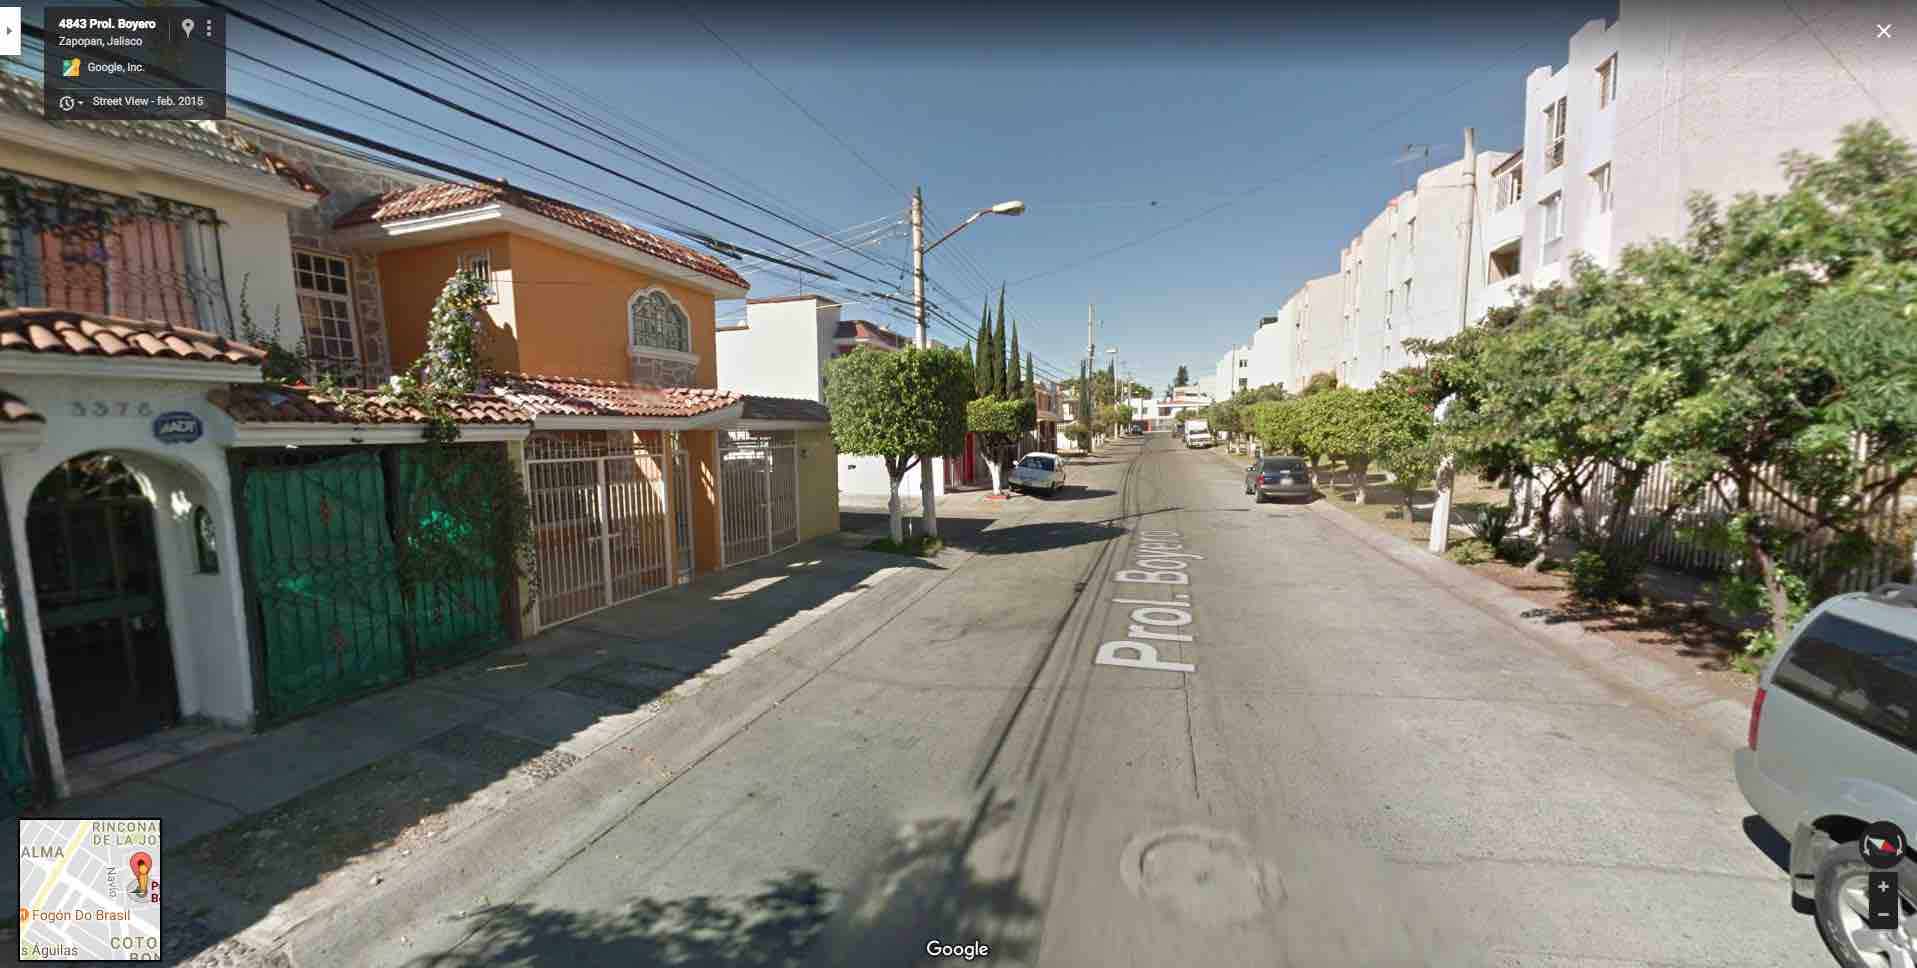 Fracc. Rinconada La Calma, Calle Prolongación Boyero 3378 CASA 18, Zapopan, Jal. C.P. 45080